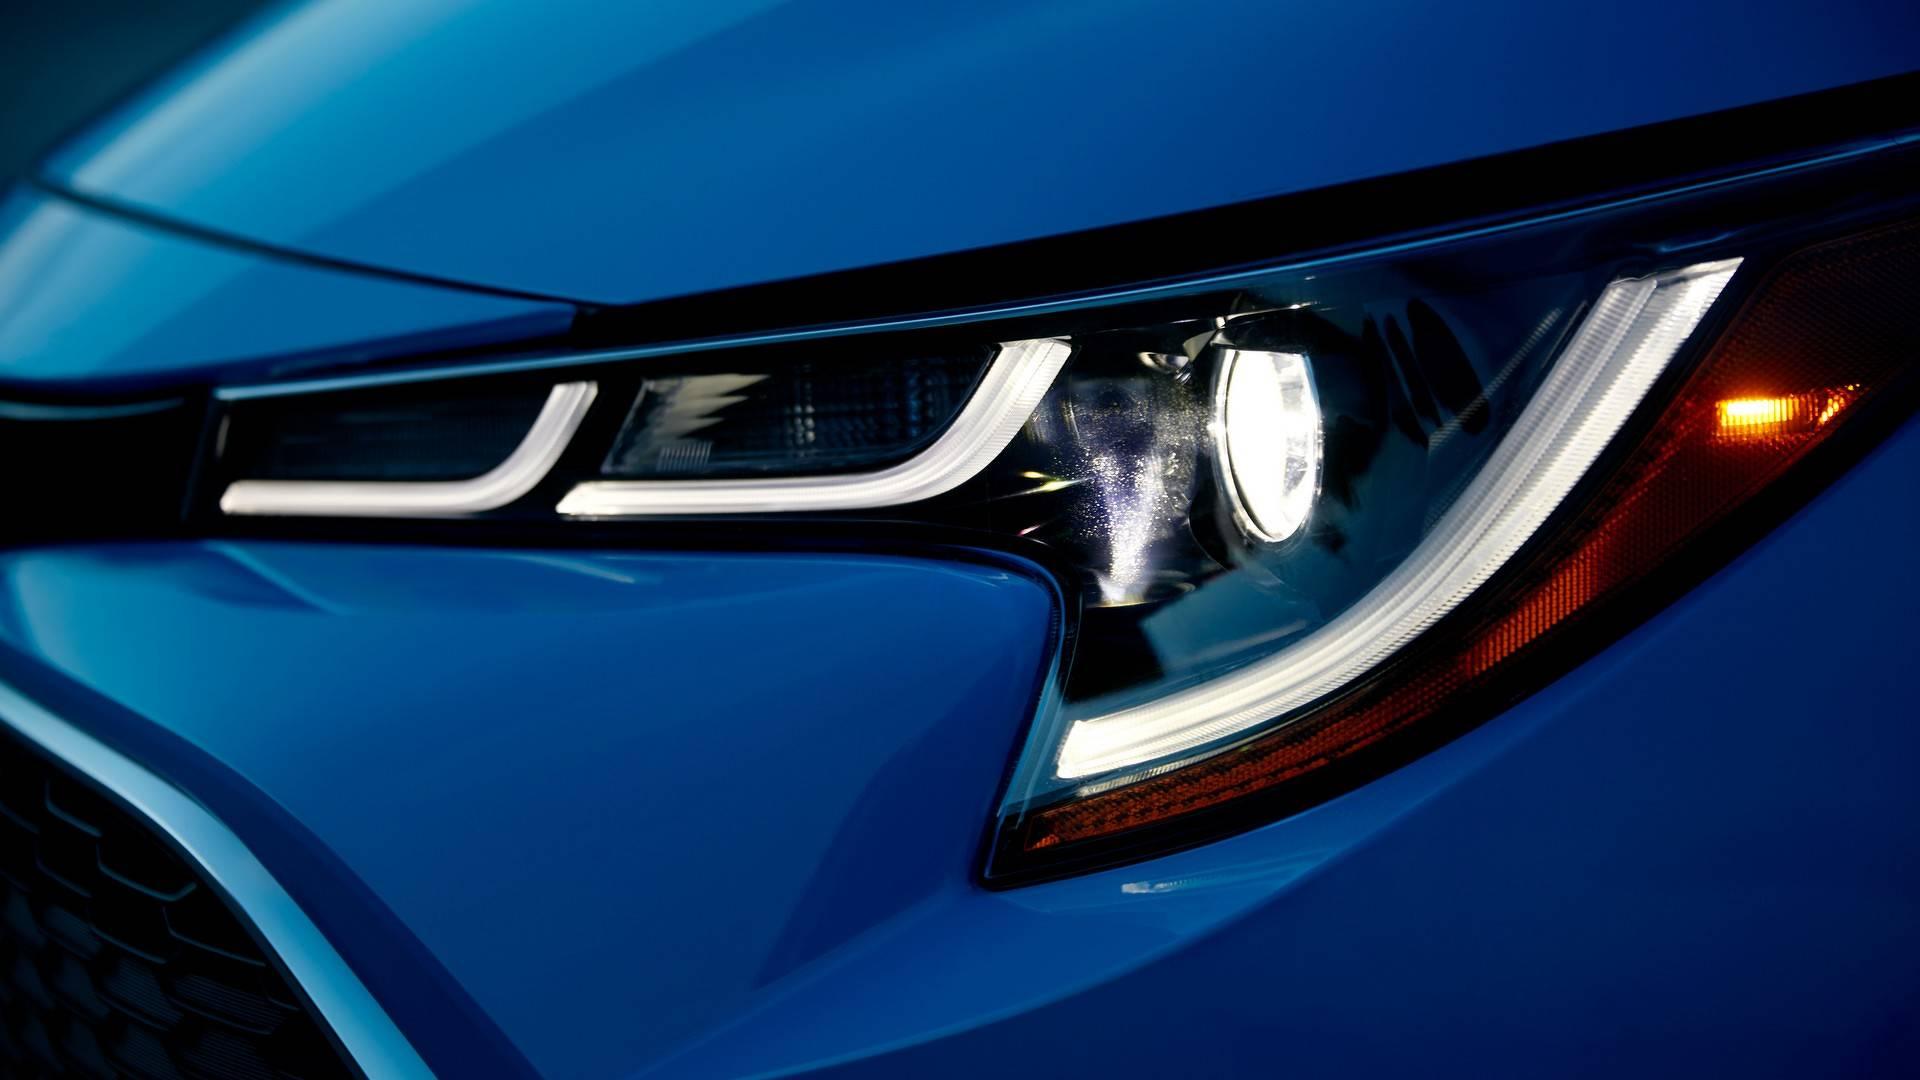 2019_Toyota_Corolla_Hatchback_0008